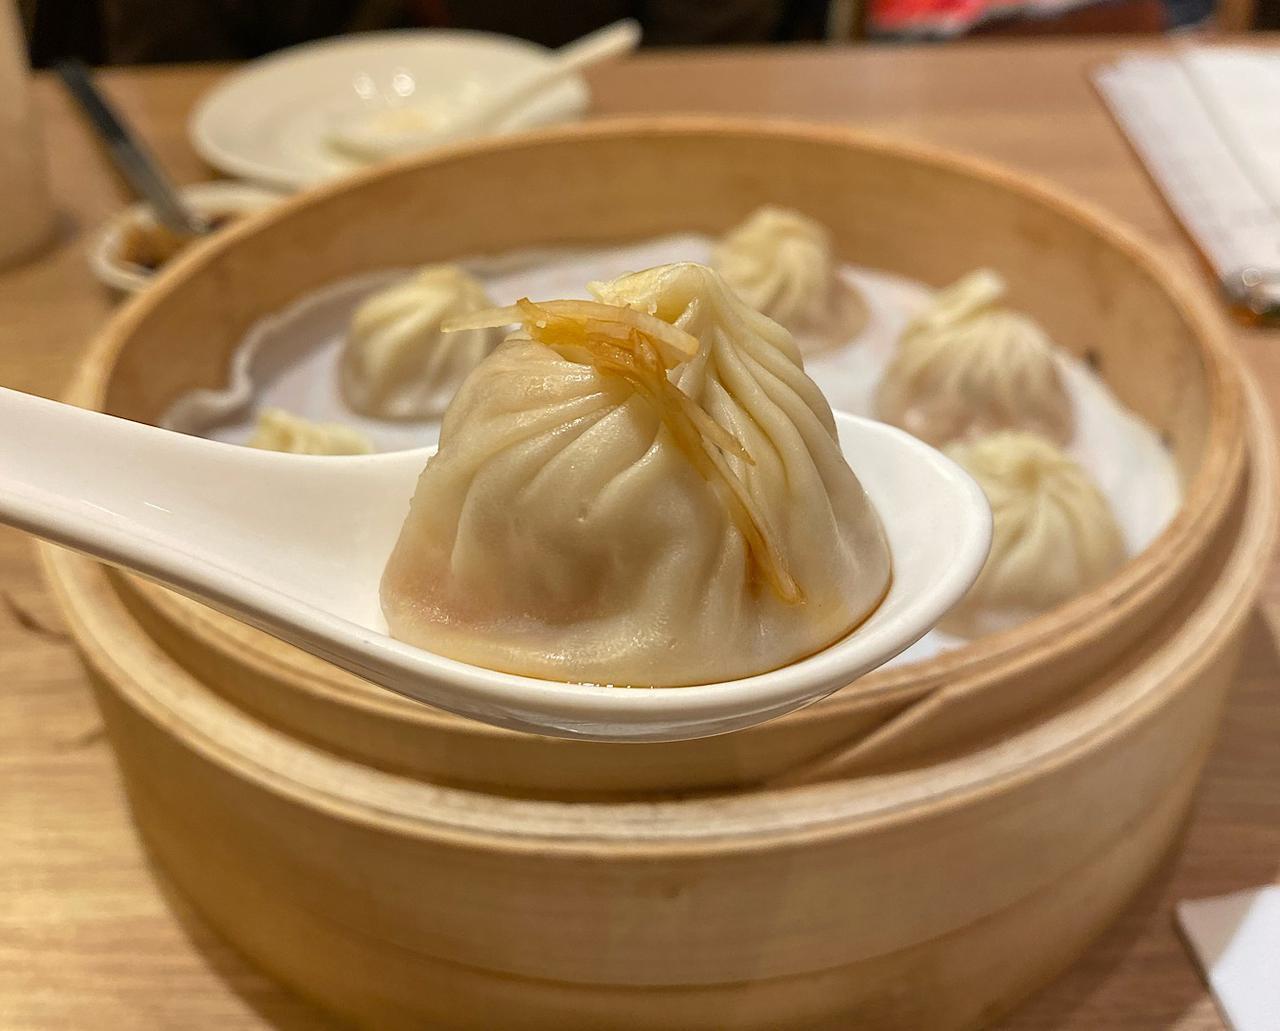 画像: 【台湾】台湾に行ったらぜひ食べたいローカルグルメ - クラブログ ~スタッフブログ~|クラブツーリズム